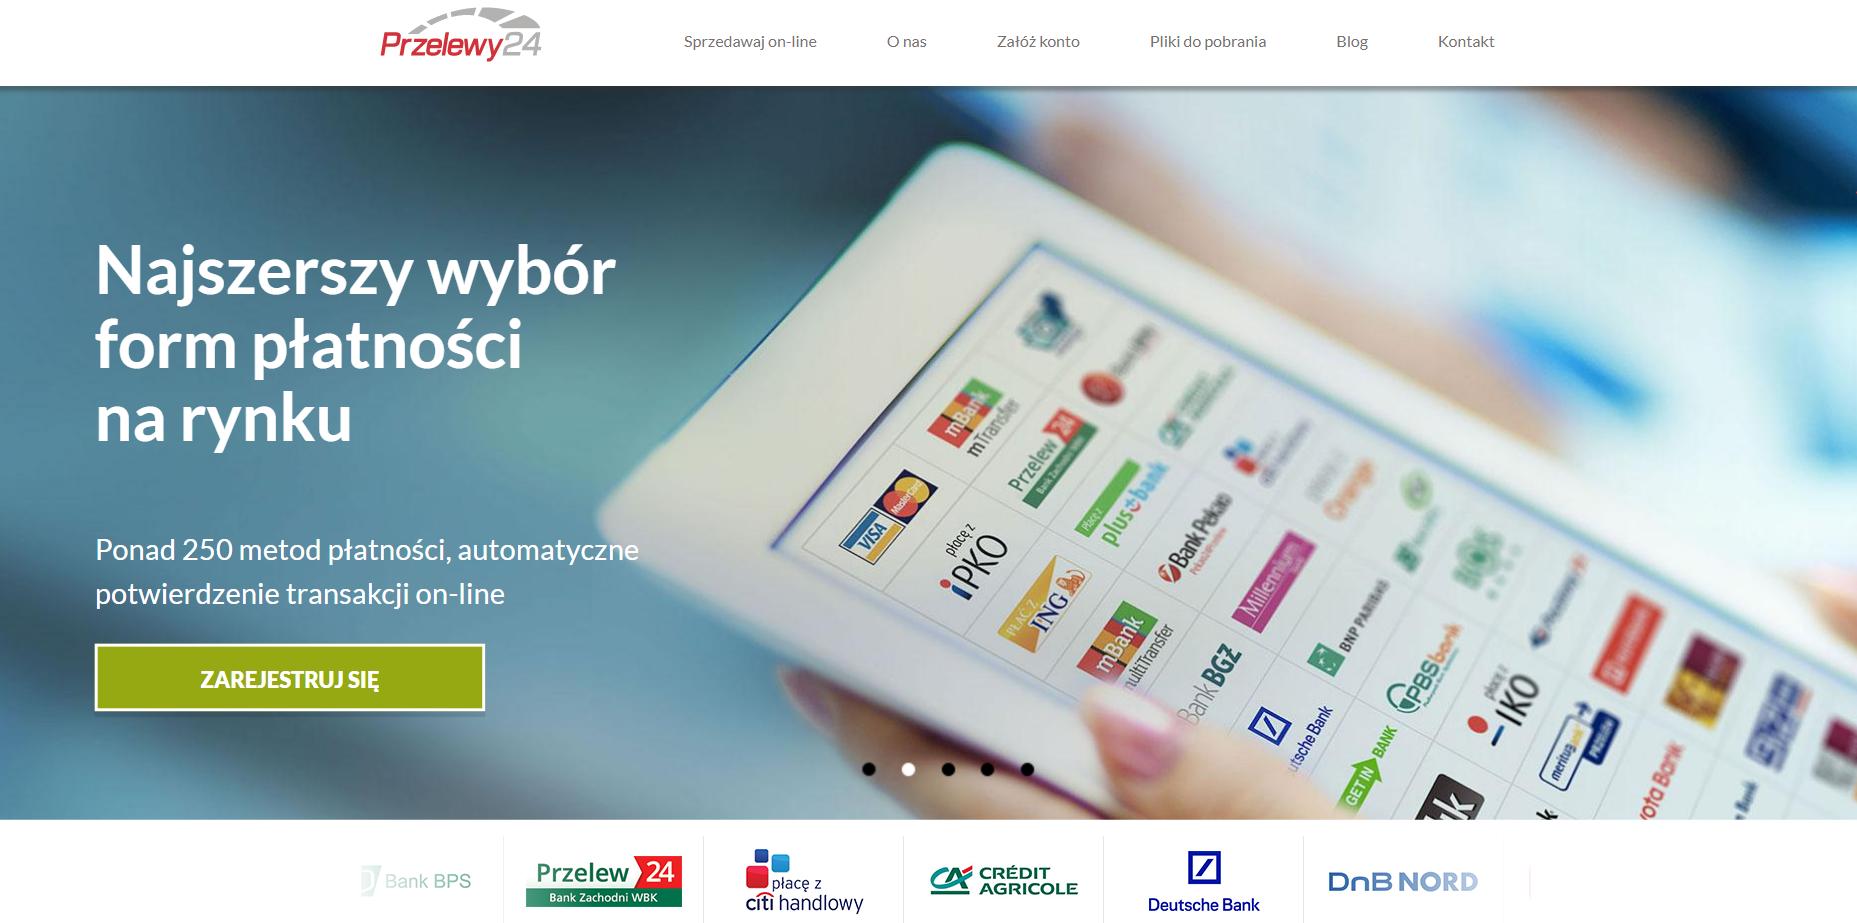 bfb1f30995b756 Przelewy24 - niższe prowizje dla sprzedawcy internetowego - Wszystko ...